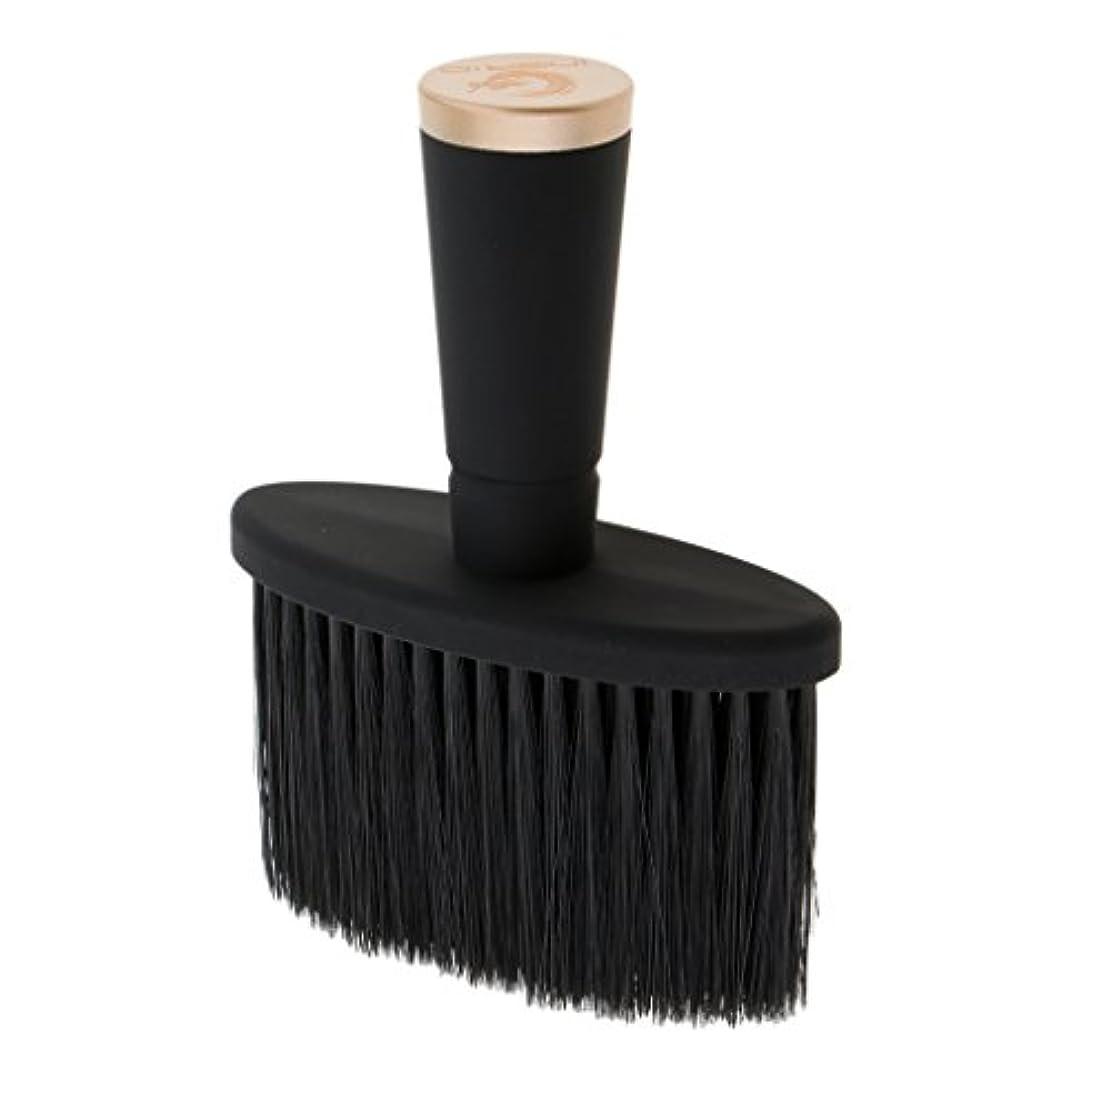 リマ責任排気Perfeclan ネックダスターブラシ ソフト ネックダスターブラシ サロン スタイリスト 理髪 メイクツール 全2色 - ゴールド